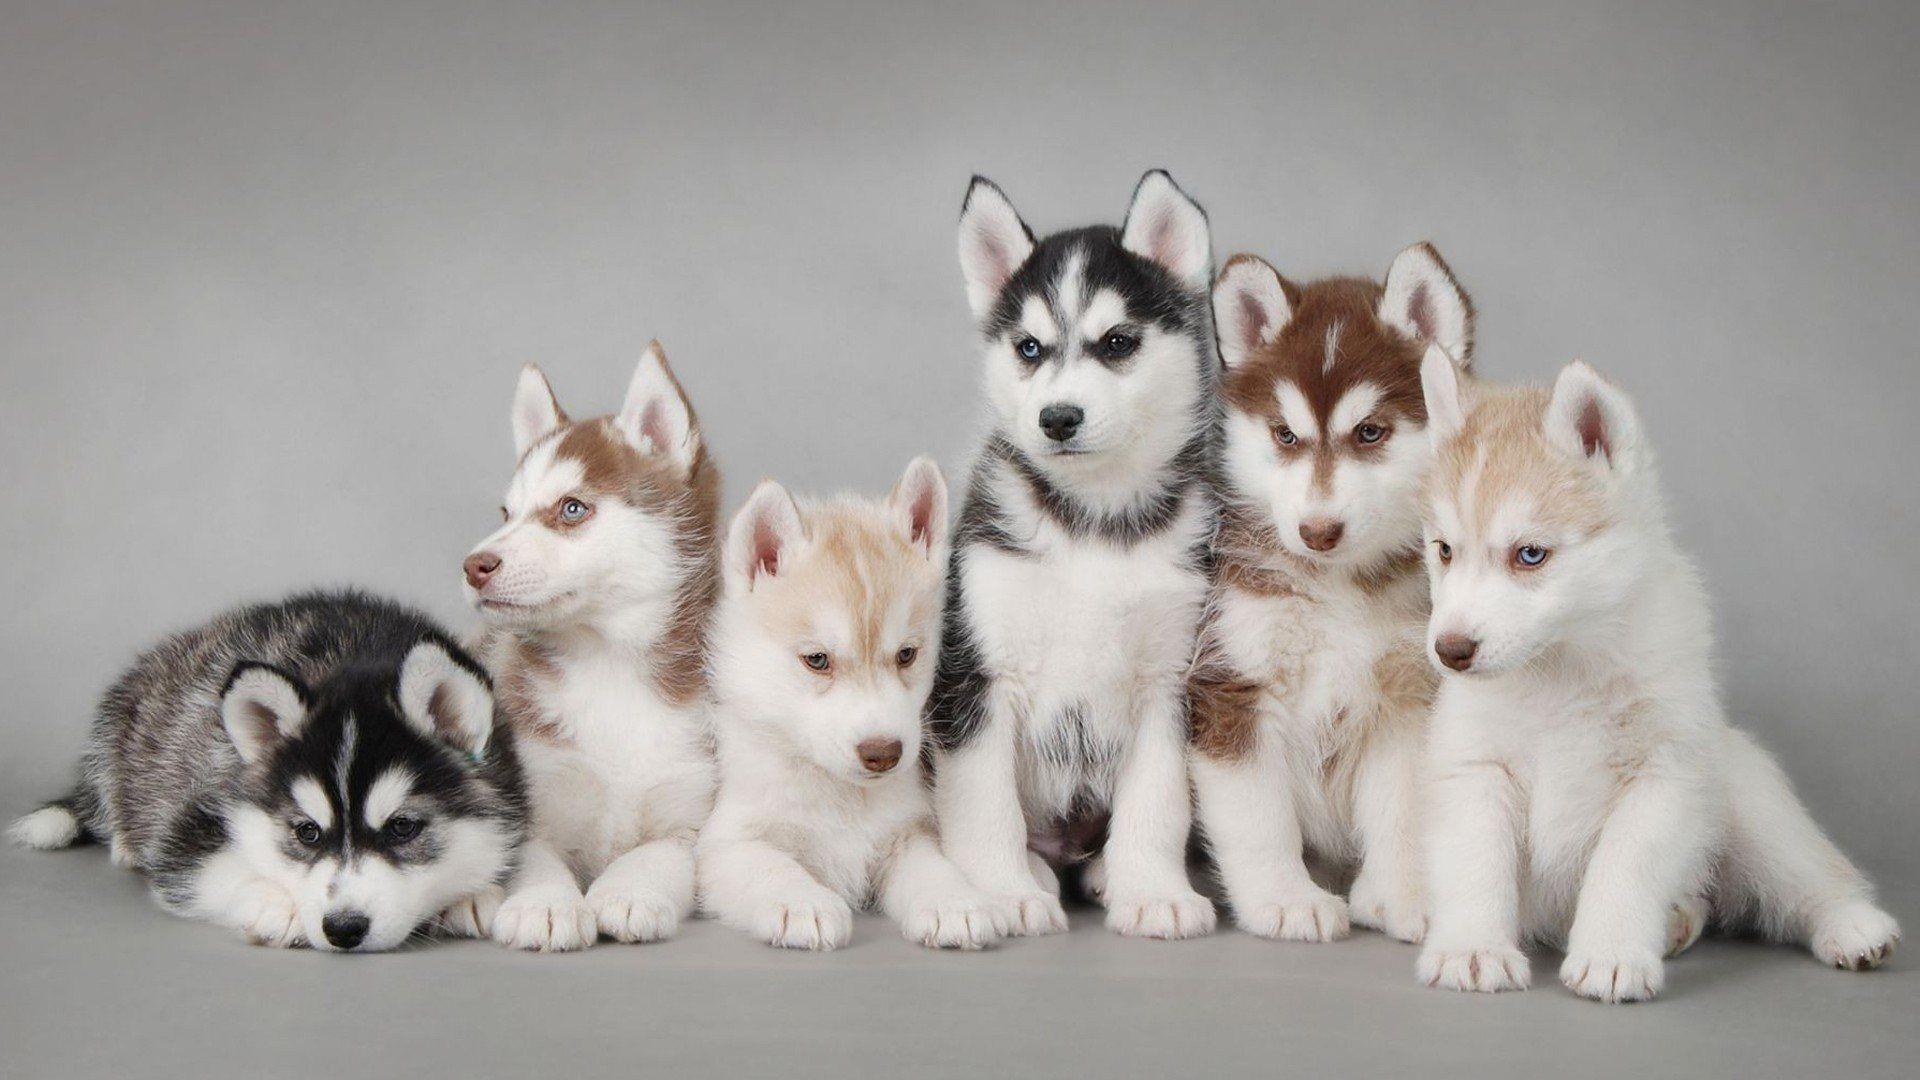 cute animals A4